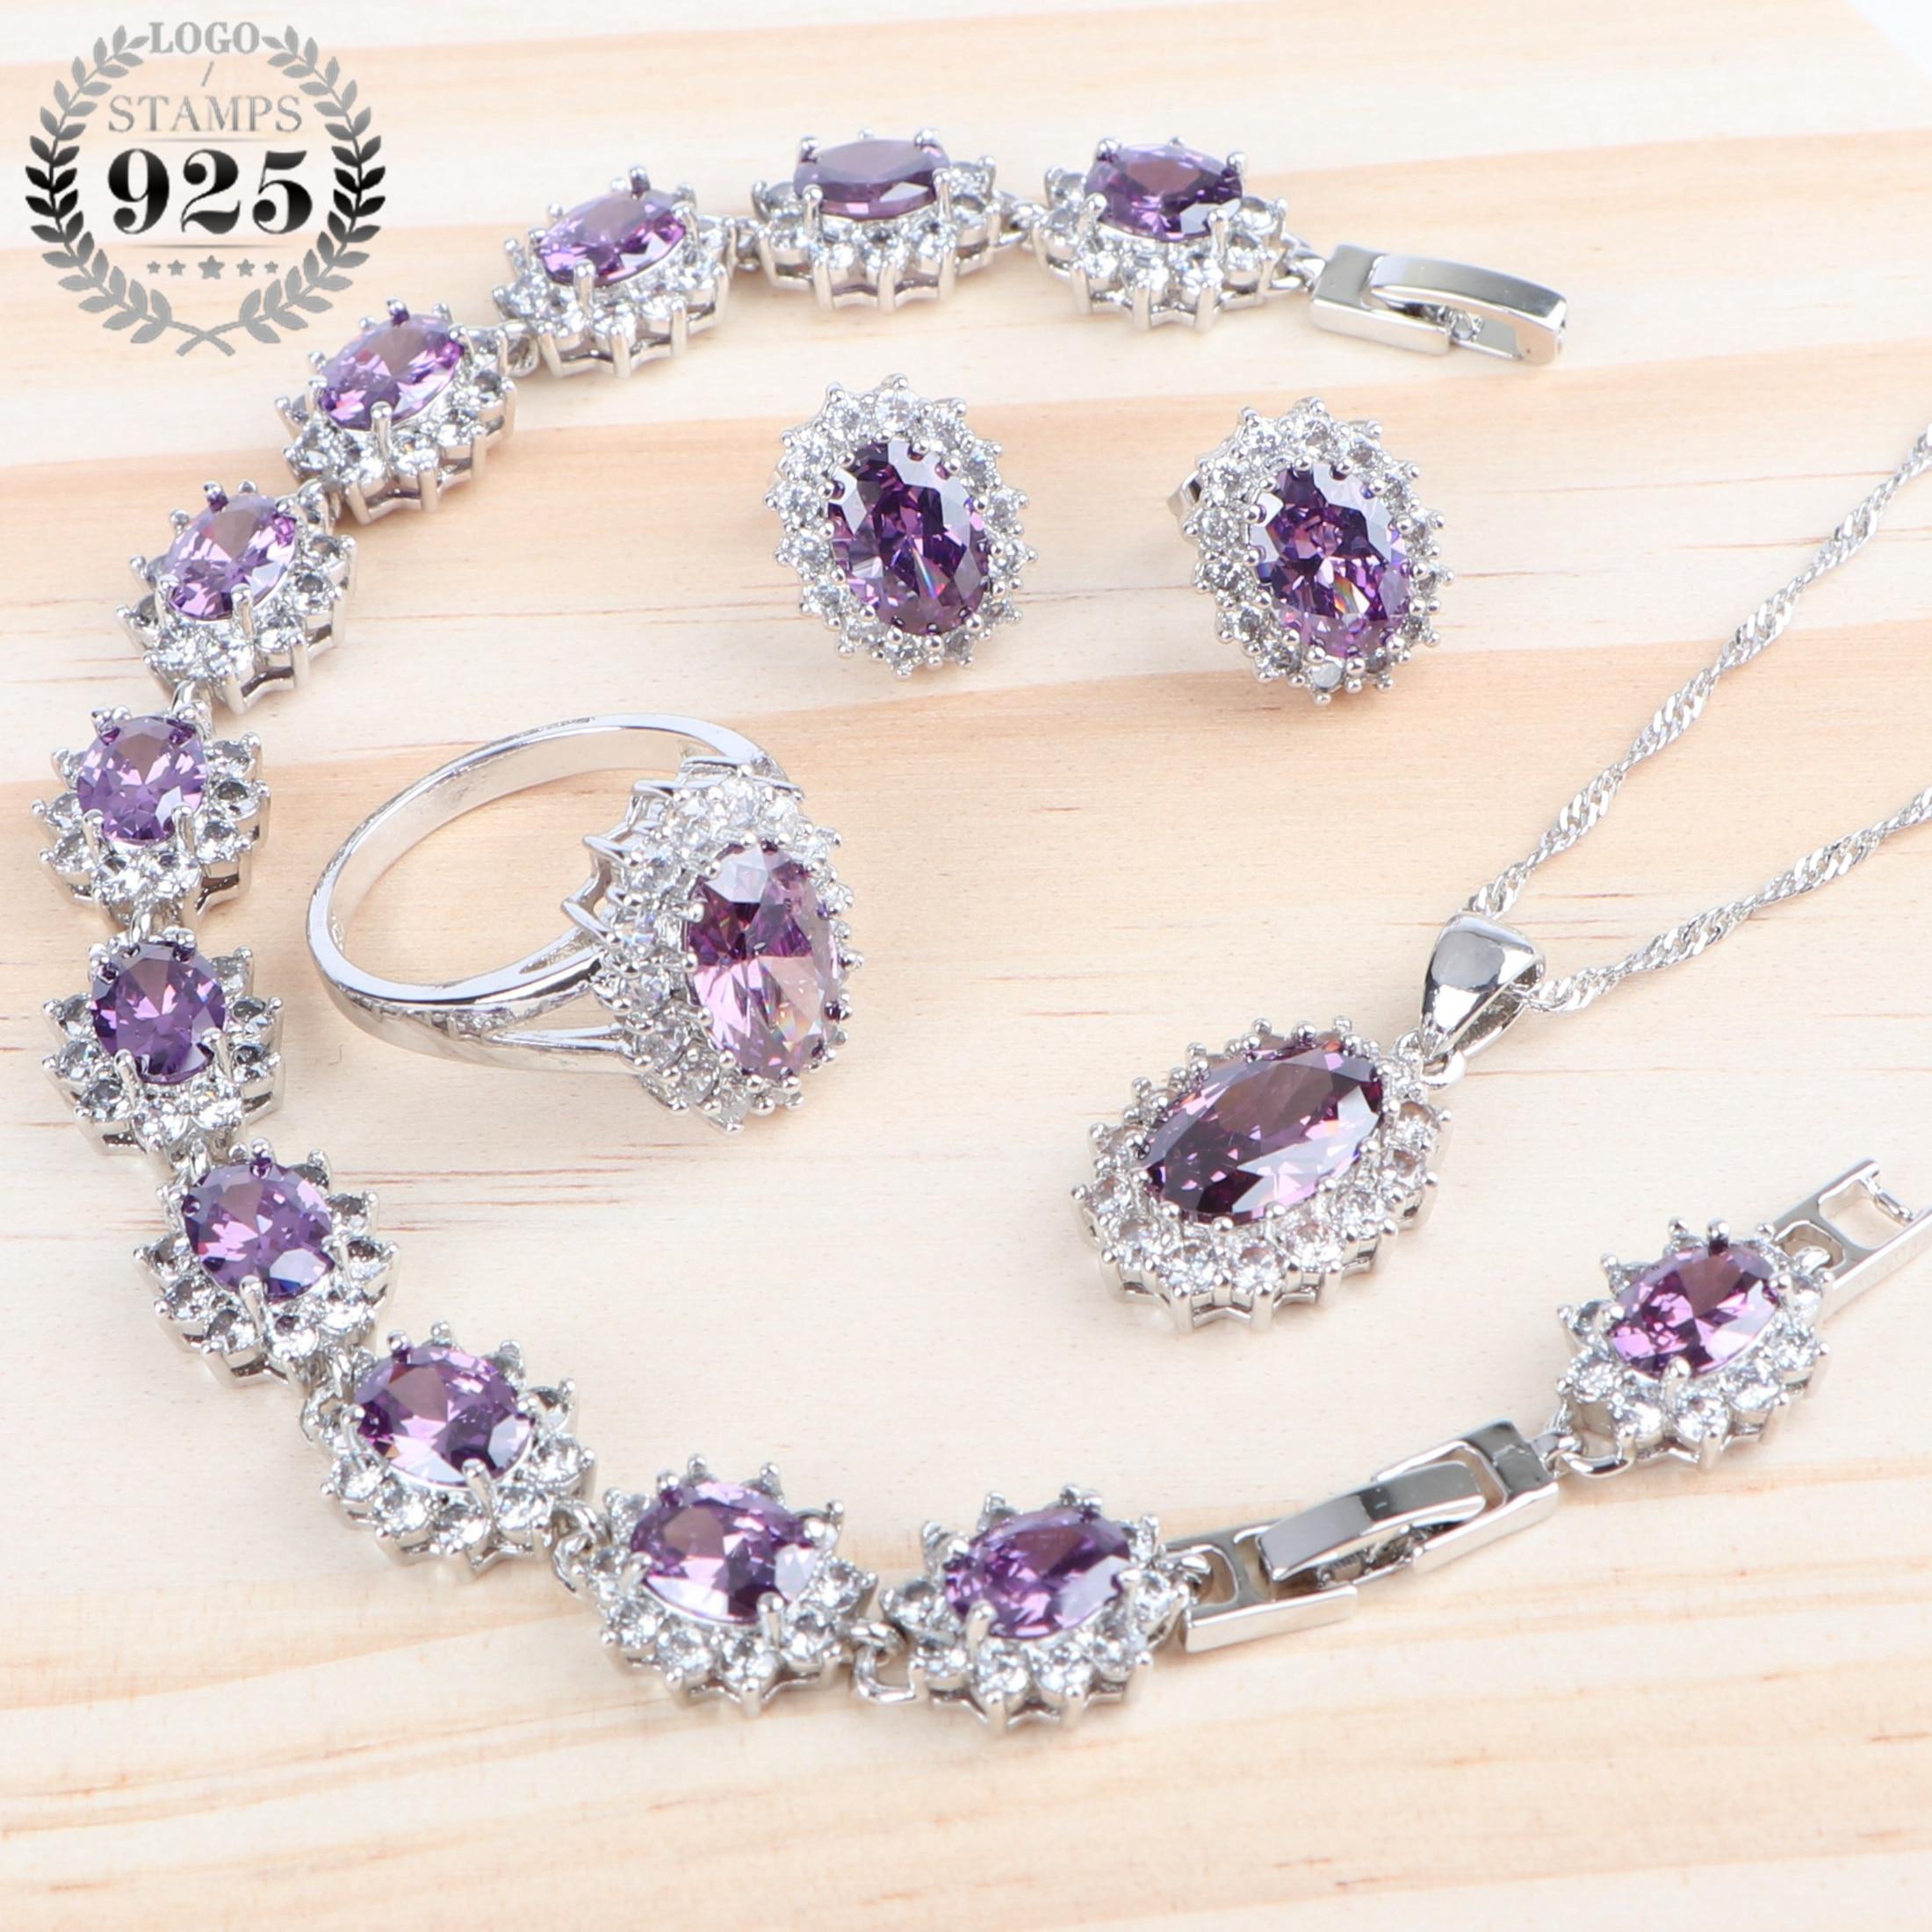 Women Accessories Luxury Jewelry Sets 925 Silver Purple Zirconia Wedding Necklace Sets Ring Bracelet Earrings Pendant Jewelry